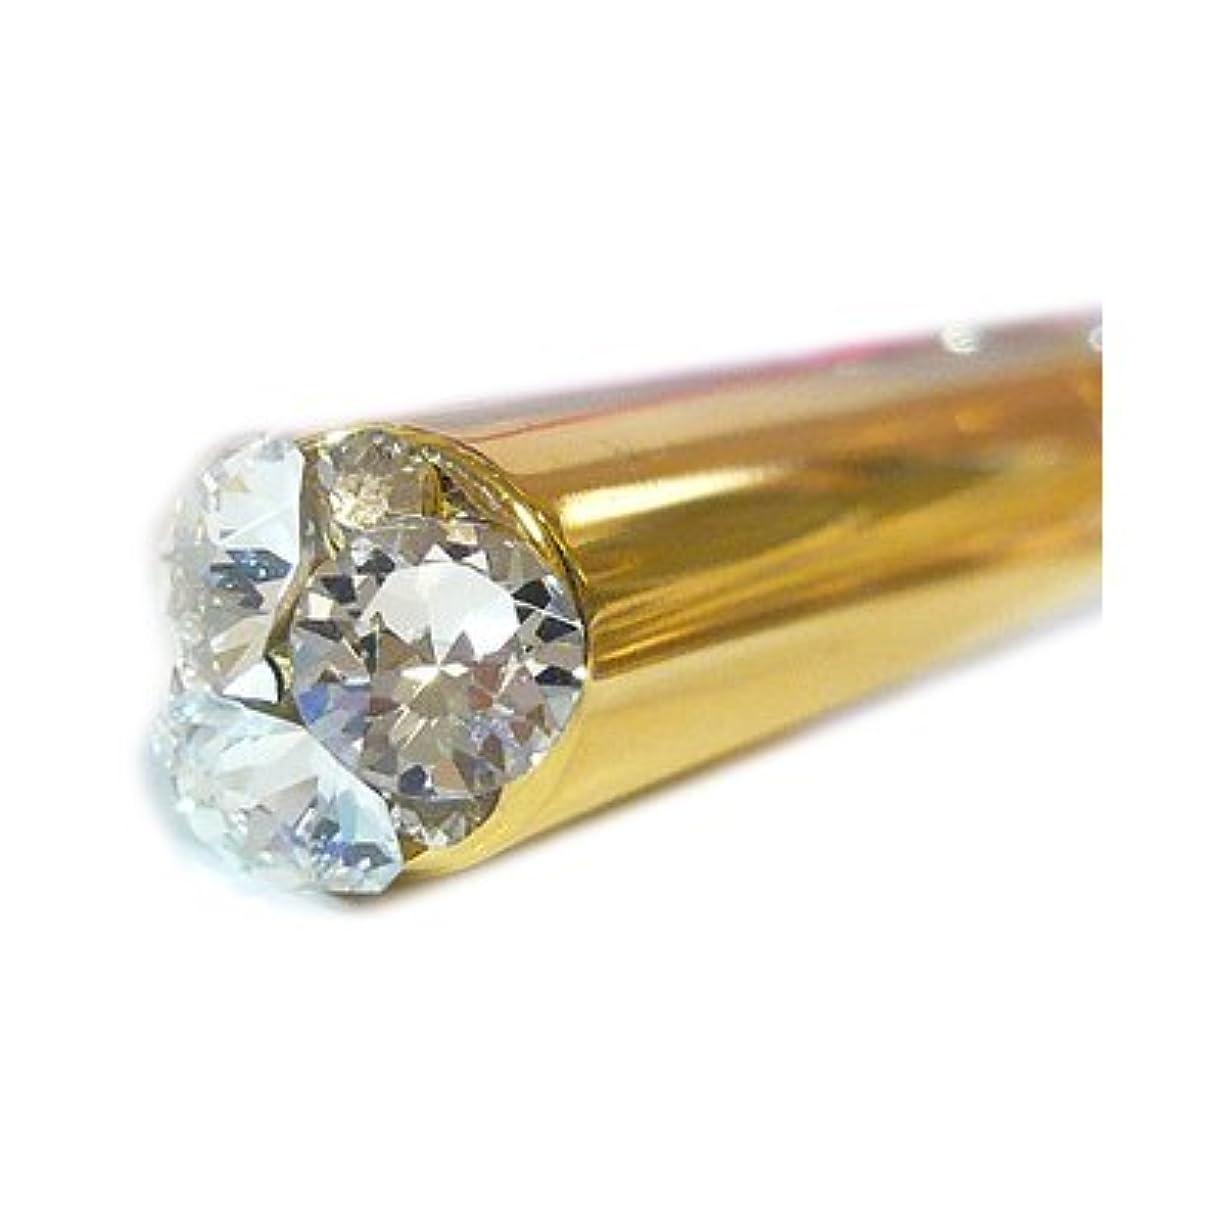 むしろゴミパキスタンアトマイザー ロールオン 香水 詰め替え 『present bijou』 GD スティックアトマイザー (ゴールド ? メタル) / スワロフスキー クリスタル/ビジューポイント/携帯性?遮光性?保香性 [DTG]